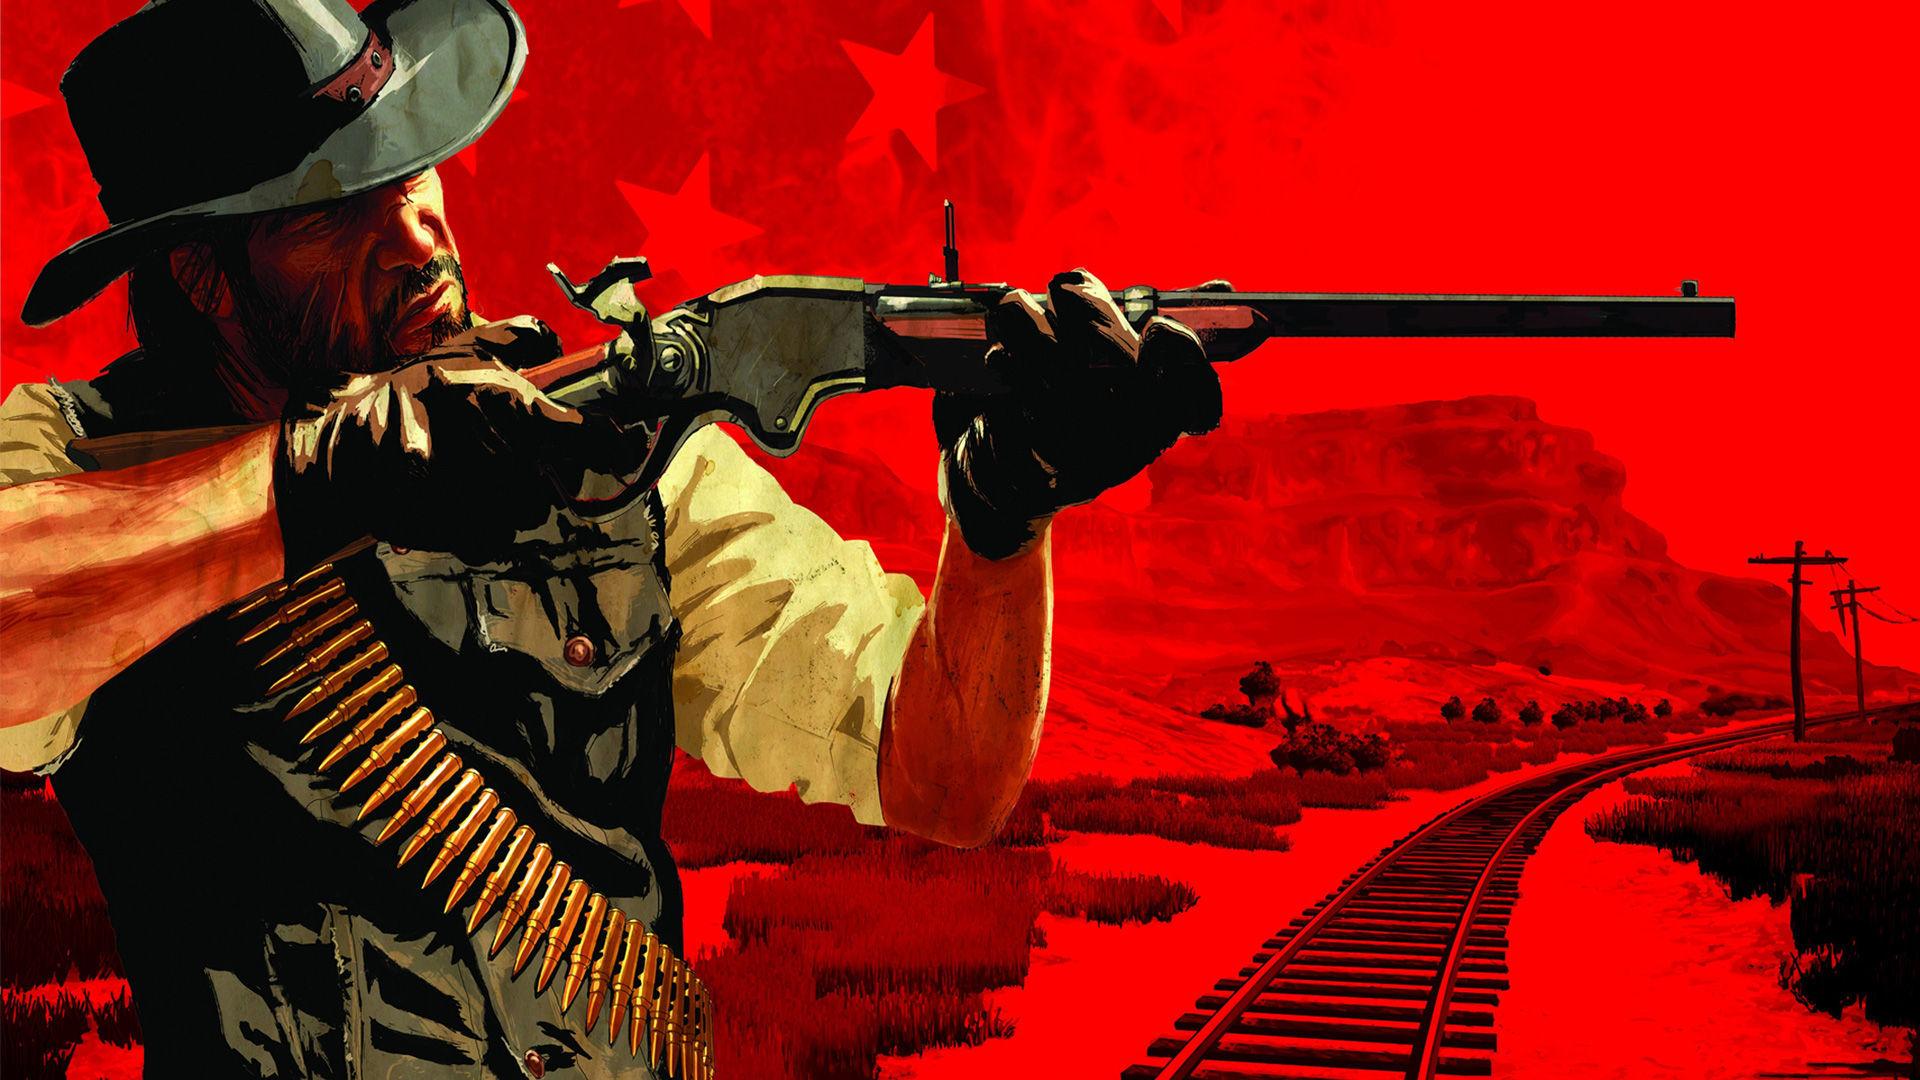 7283 - Geografía en Red Dead Redemption. Paseo por el Salvaje Oeste.